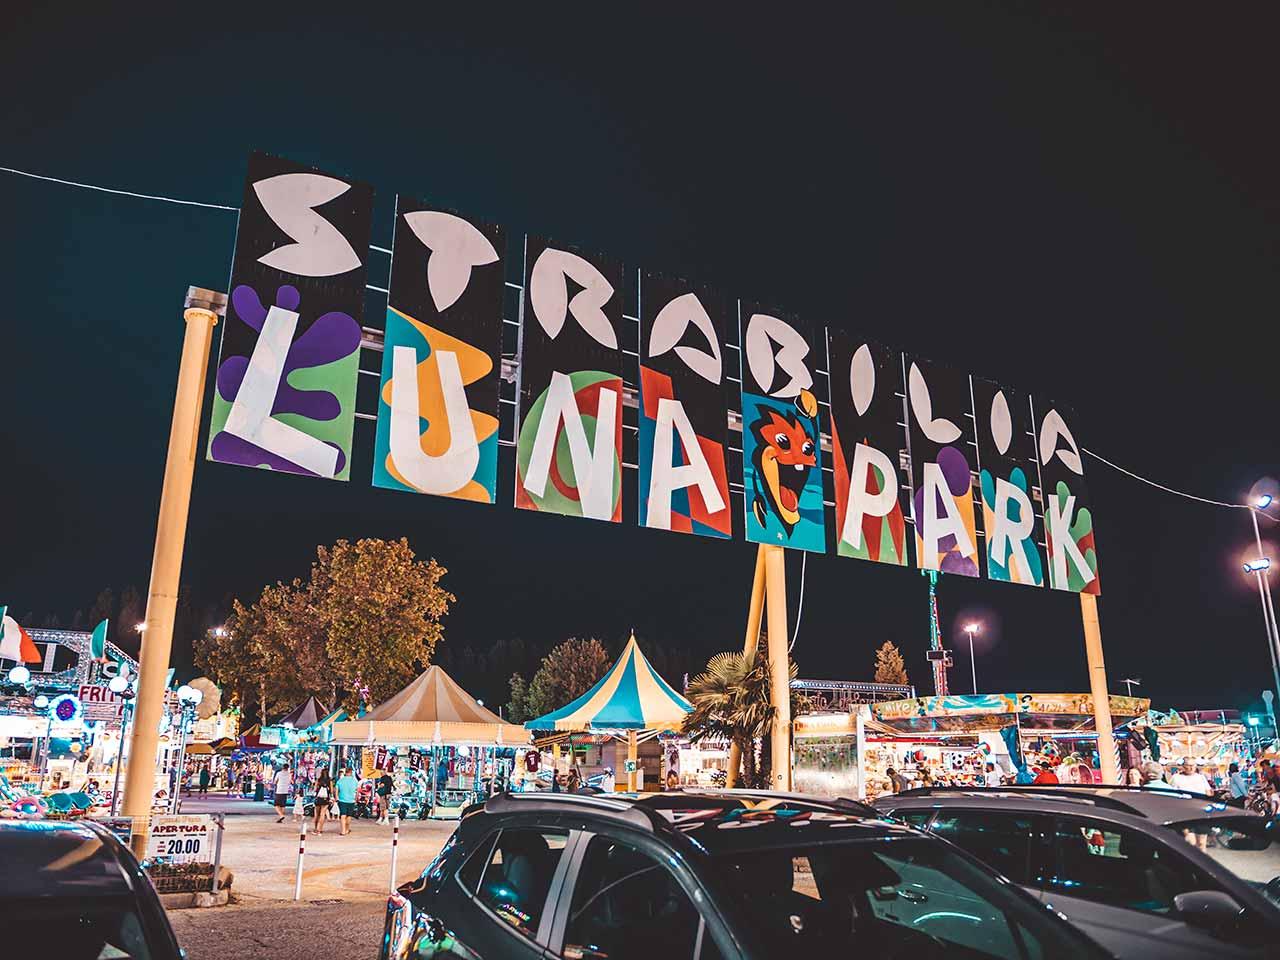 Strabilia Luna Park in Lignano Sabbiadoro